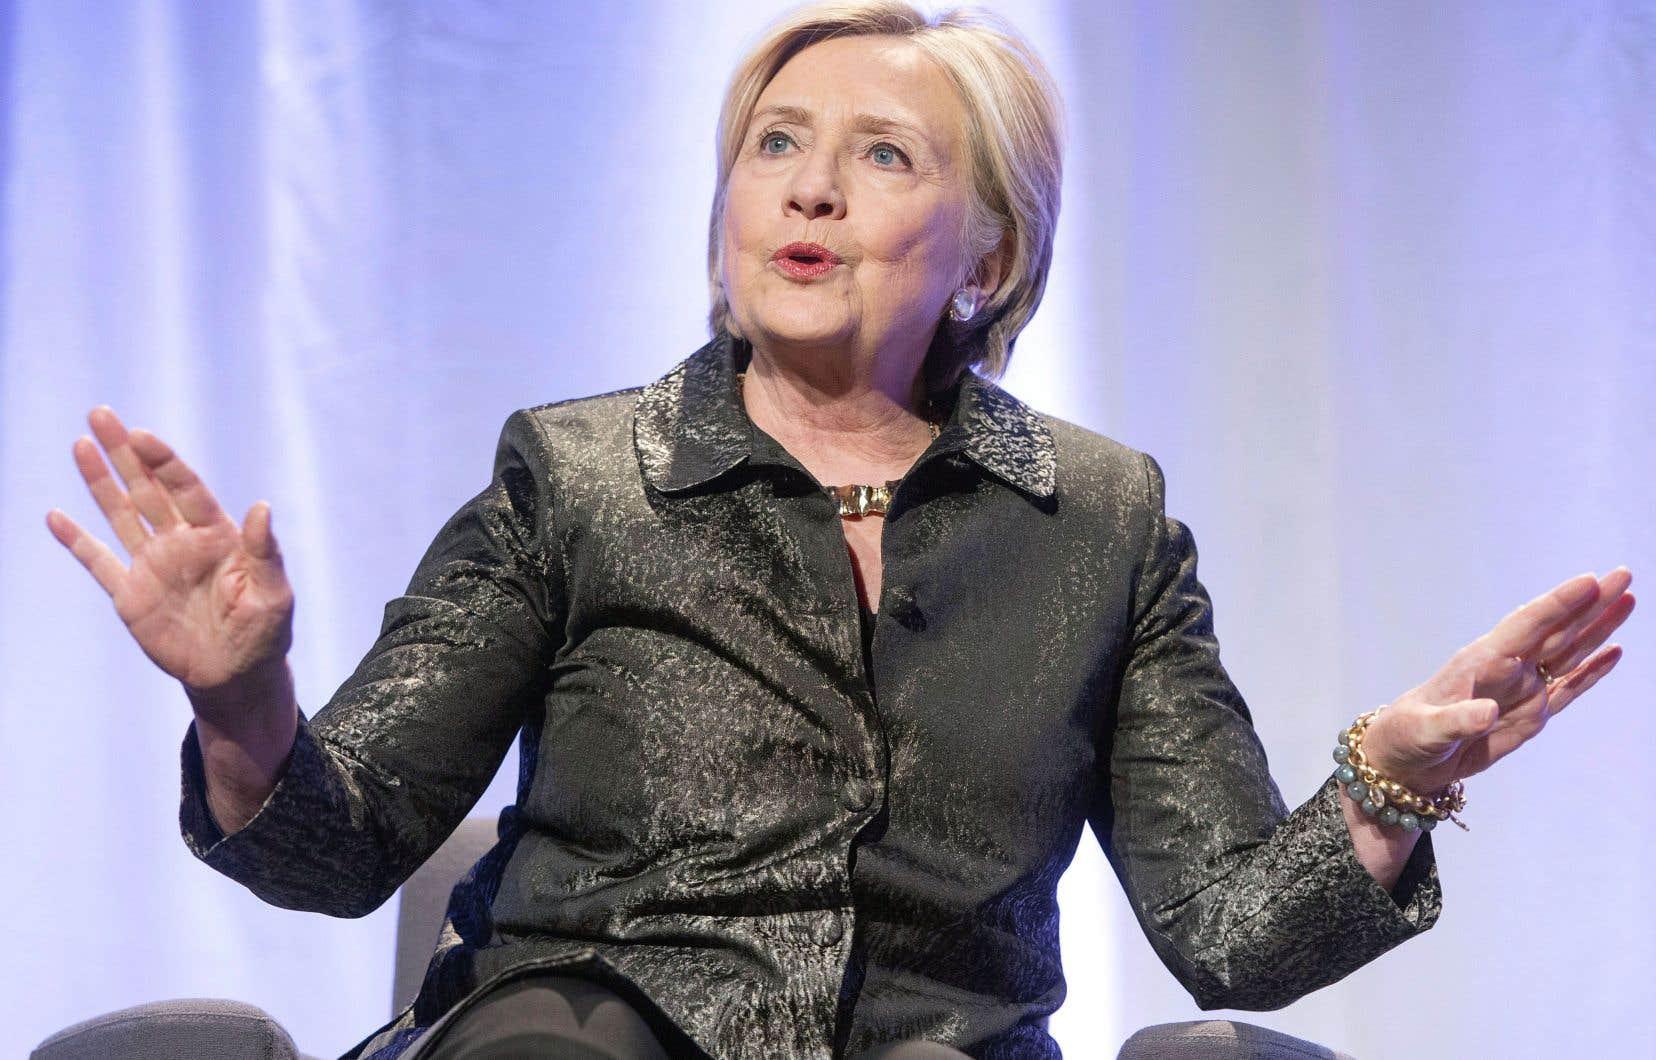 Dans ses mémoires de campagne, Hillary Clinton attribue en partie sa défaite à des attaques personnelles émanant de serveurs russes.